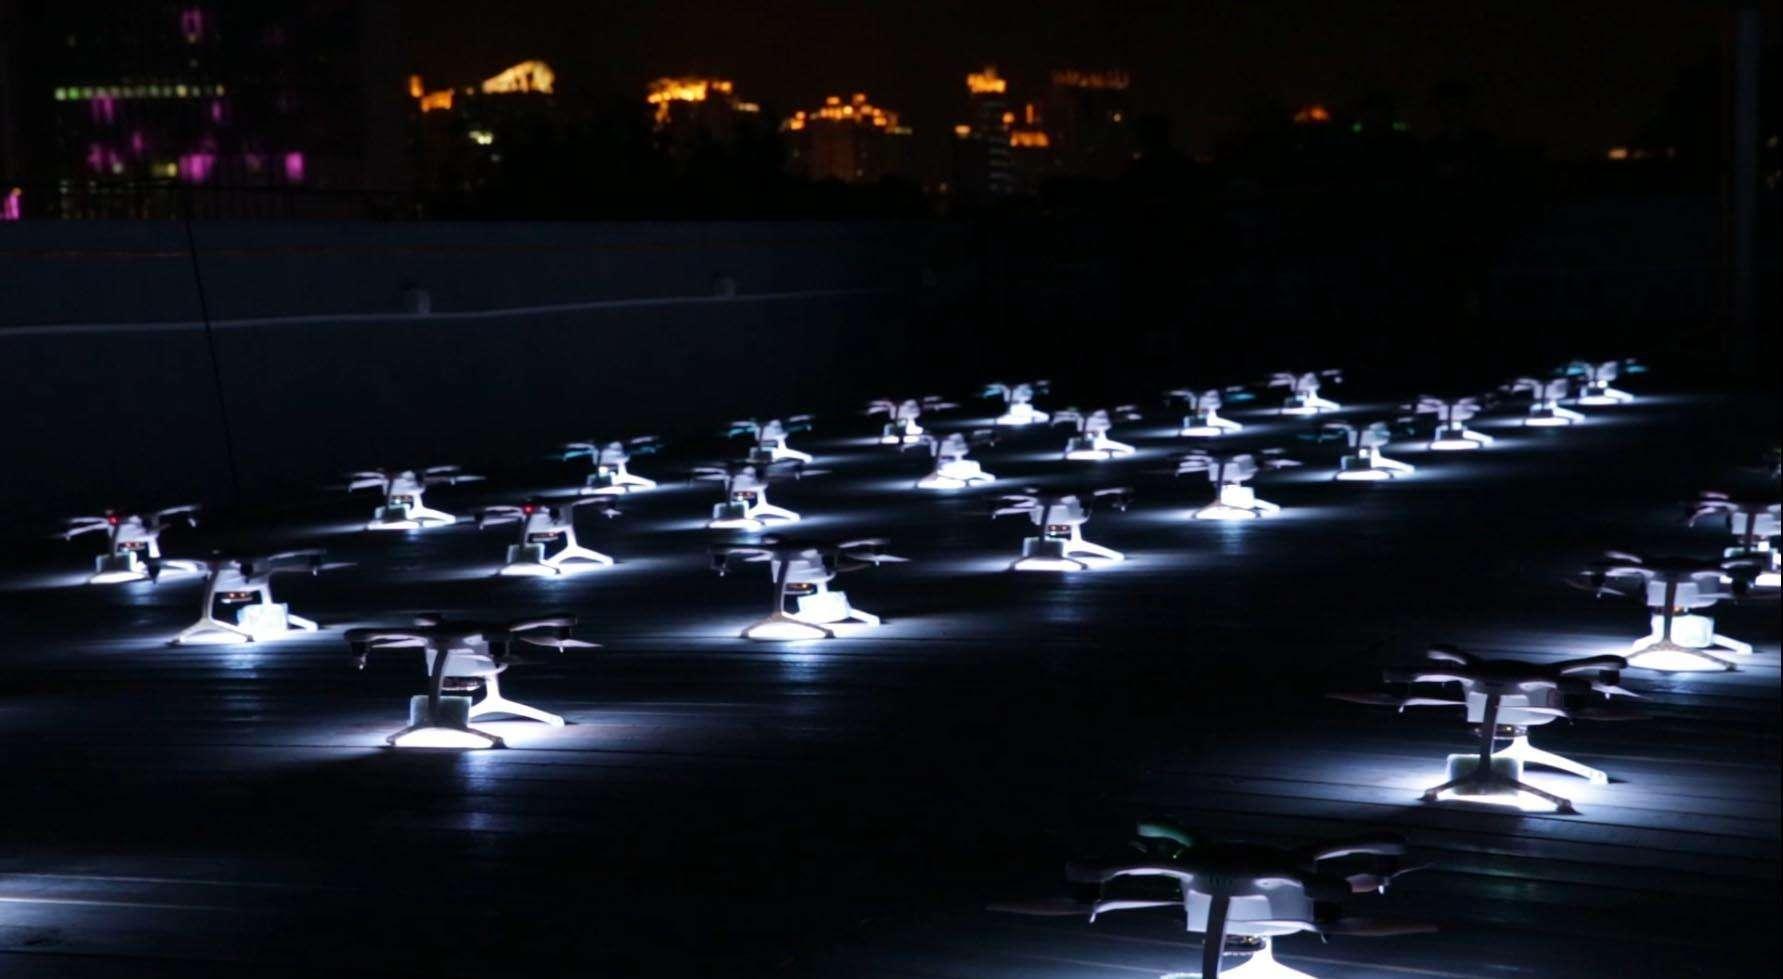 无人机:未来防空重心